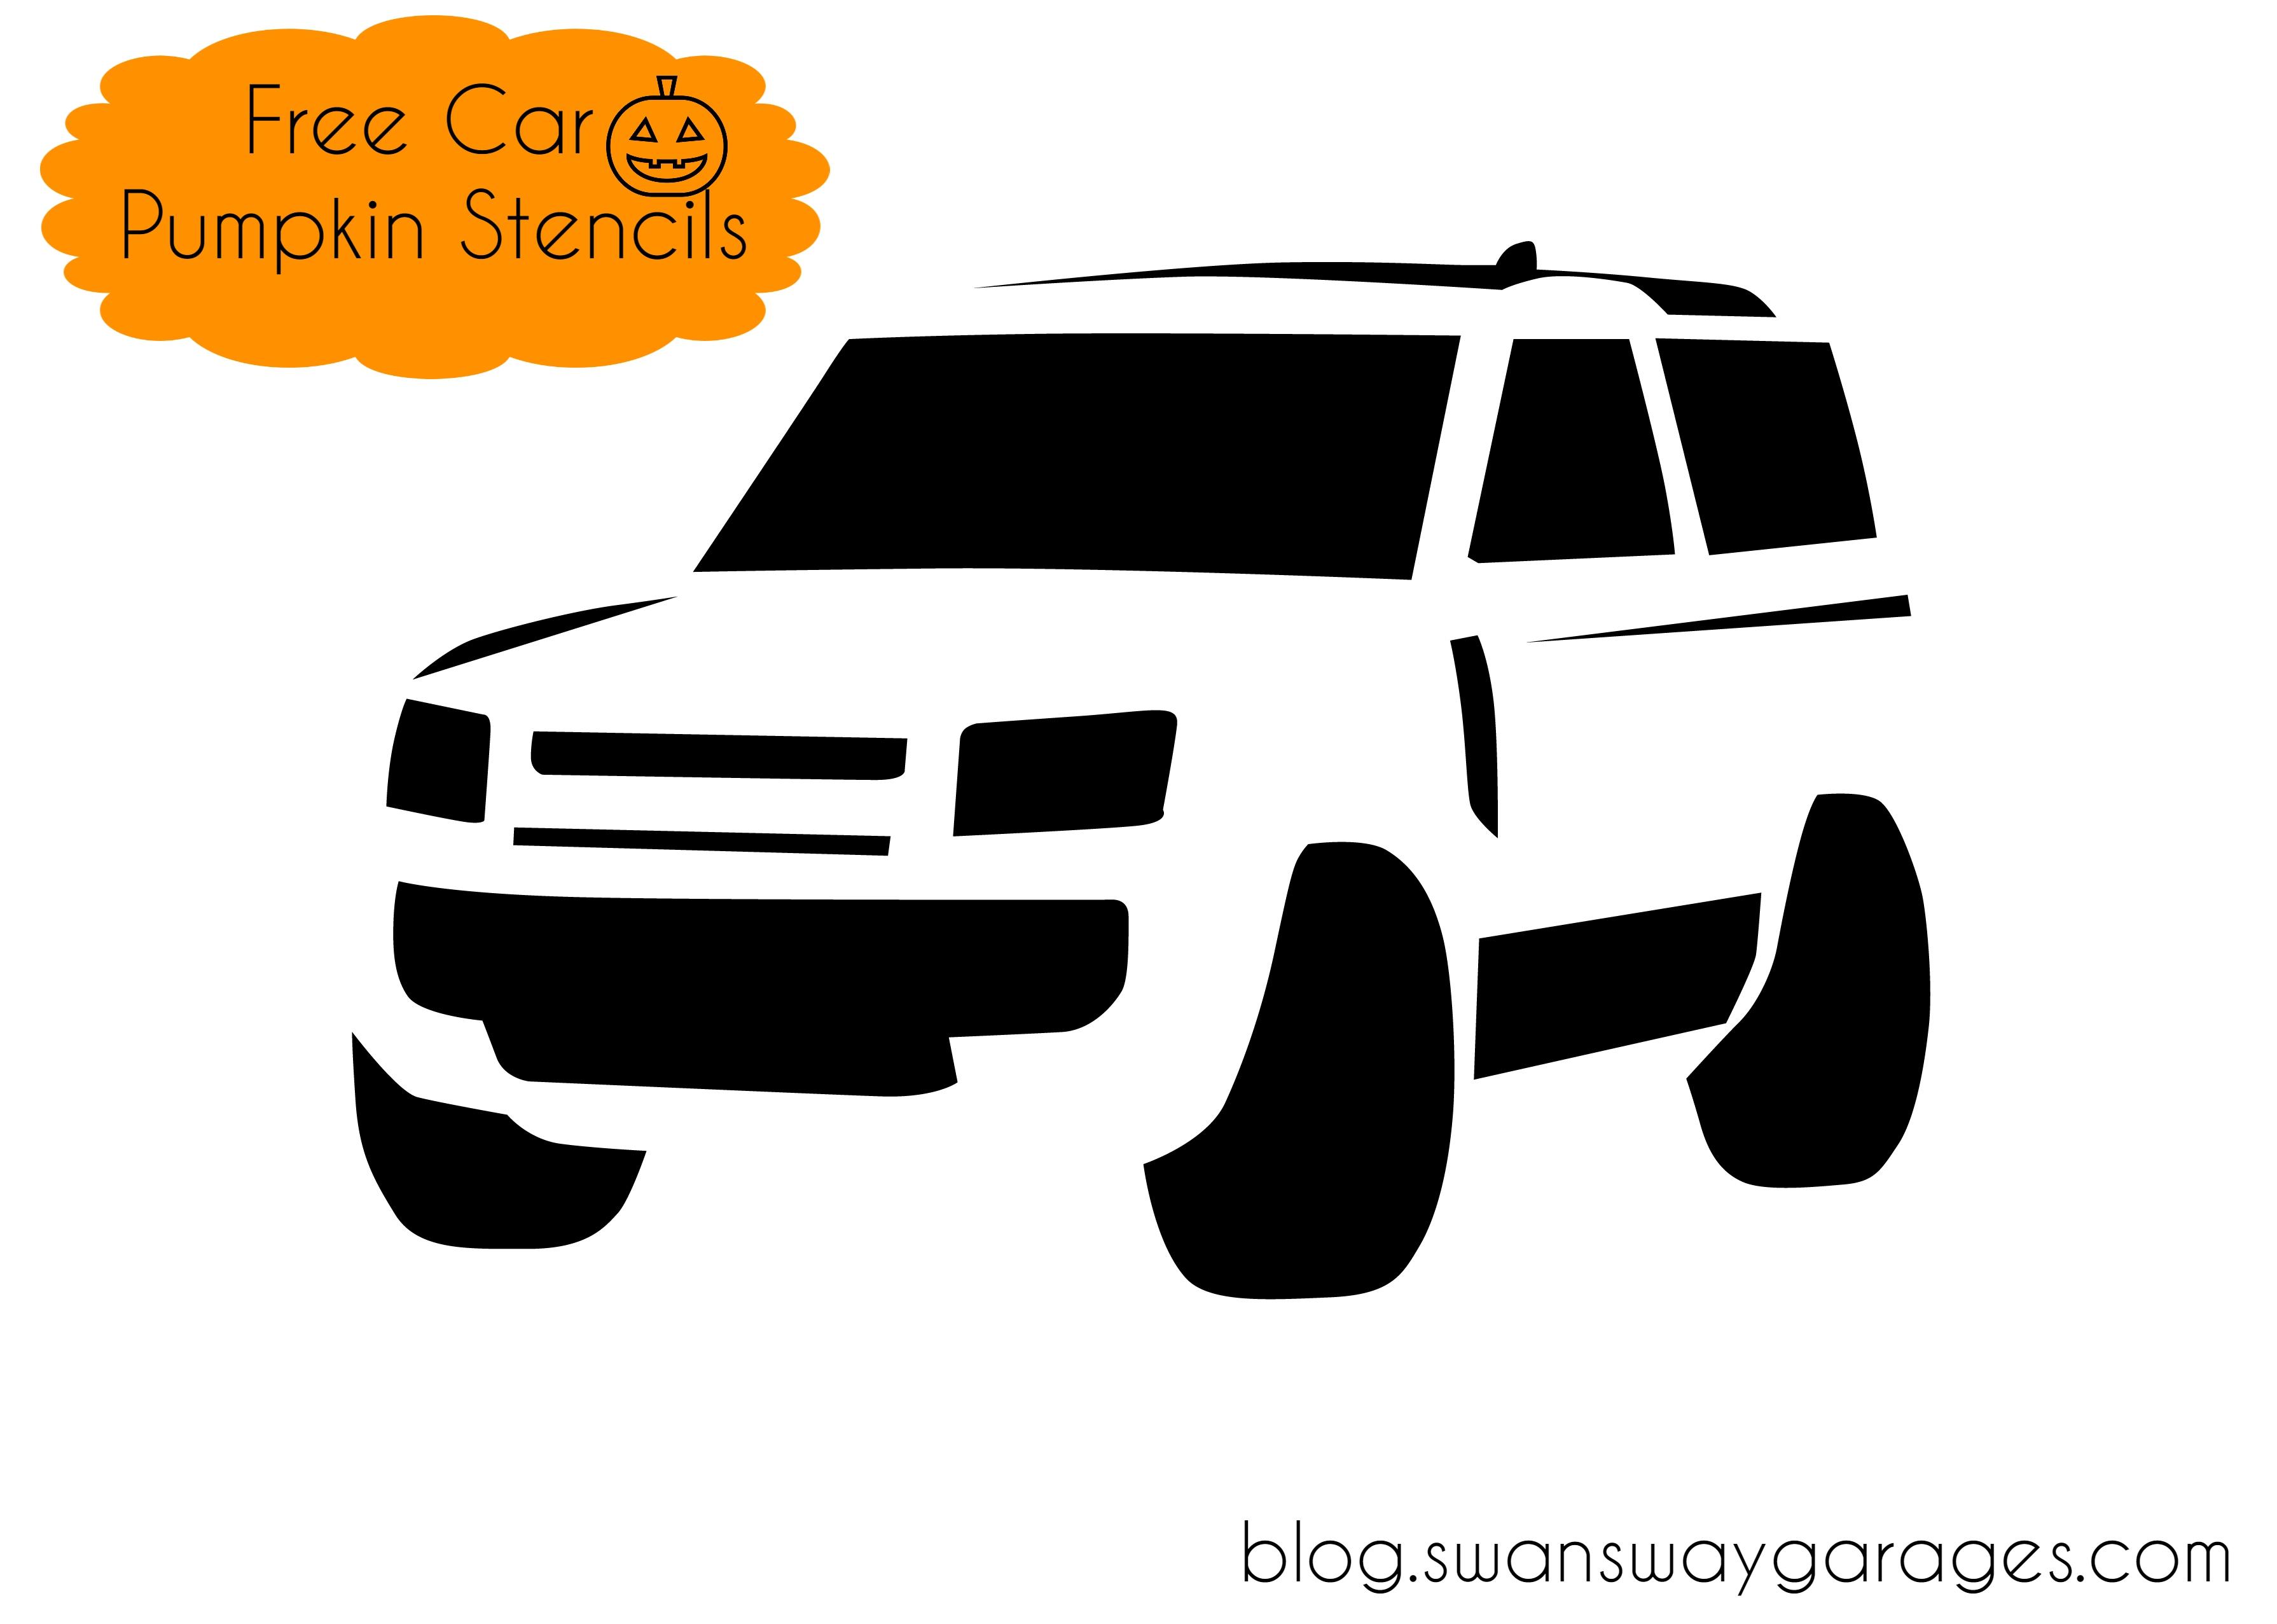 Free Land Rover Defender pumpkin stencil